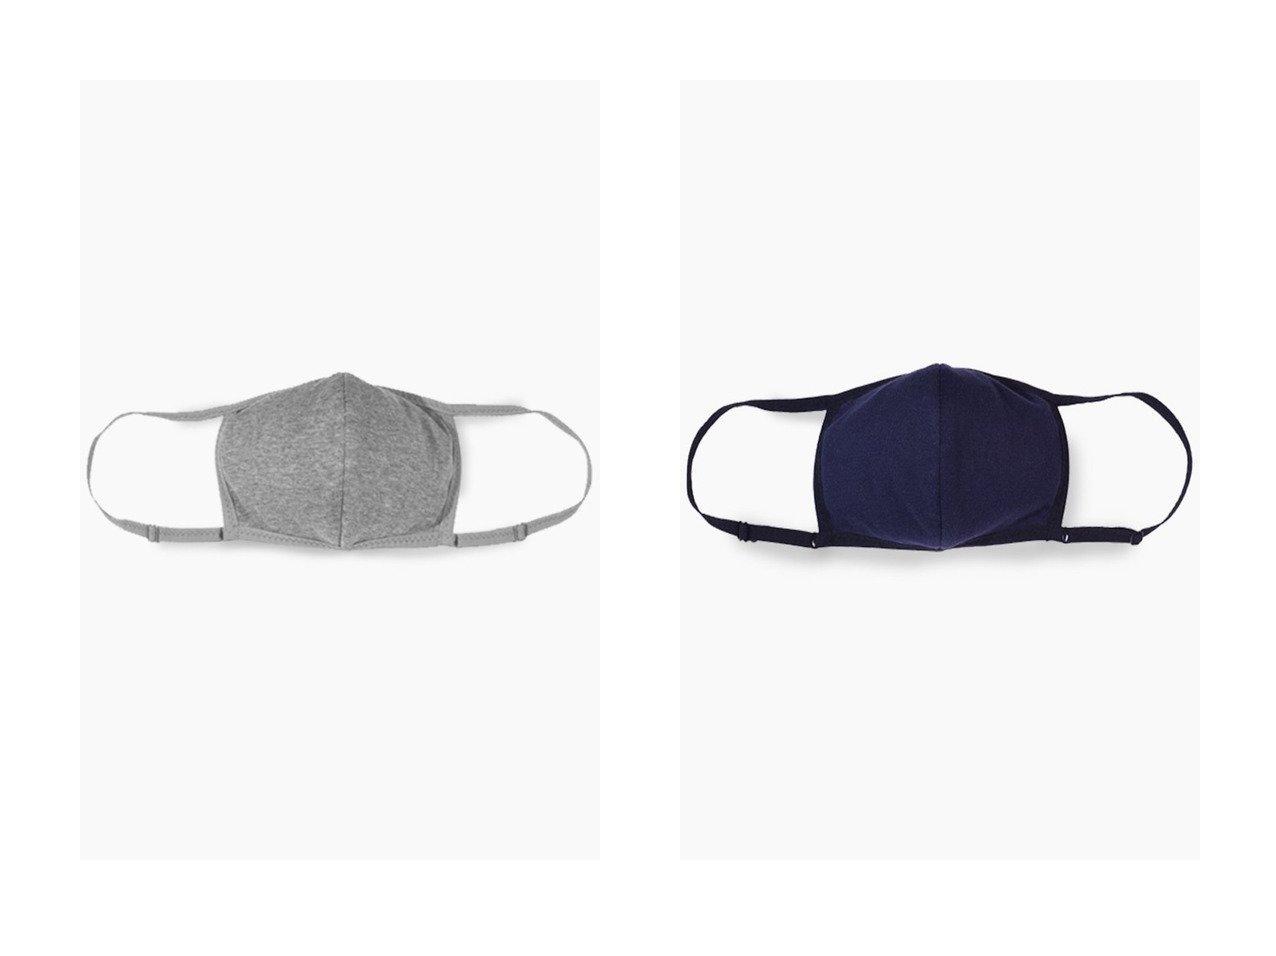 【SkinAware / GOODS/スキンアウェア】のウイルスプロテクションマスク ソフトストレッチ スキンアウェアのおすすめ!人気、トレンド・レディースファッションの通販 おすすめで人気の流行・トレンド、ファッションの通販商品 メンズファッション・キッズファッション・インテリア・家具・レディースファッション・服の通販 founy(ファニー) https://founy.com/ 2021年 2021 2021 春夏 S/S SS Spring/Summer 2021 S/S 春夏 SS Spring/Summer ストレッチ フィット 抗菌 春 Spring |ID:crp329100000021436